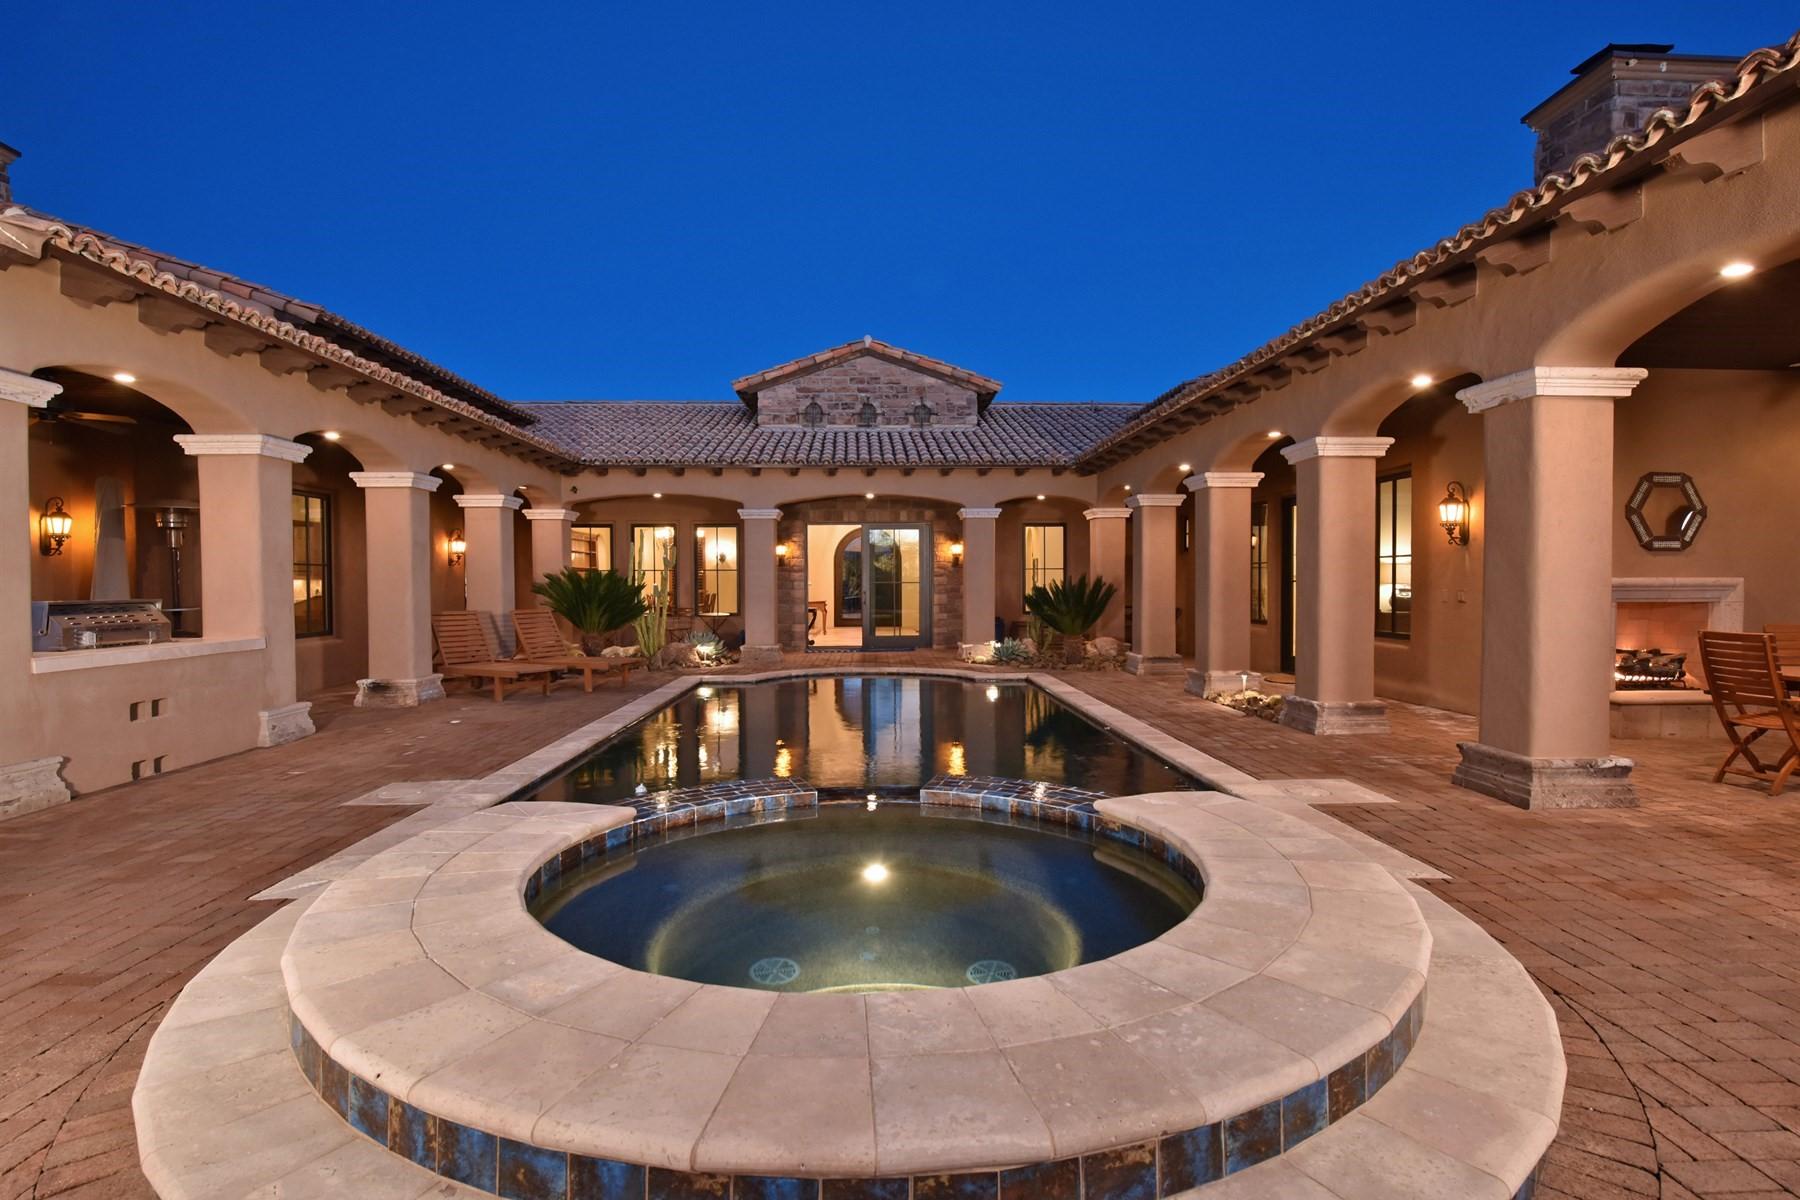 一戸建て のために 売買 アット Beautiful Mediterranean style villa 36304 N 105th Way Scottsdale, アリゾナ, 85262 アメリカ合衆国